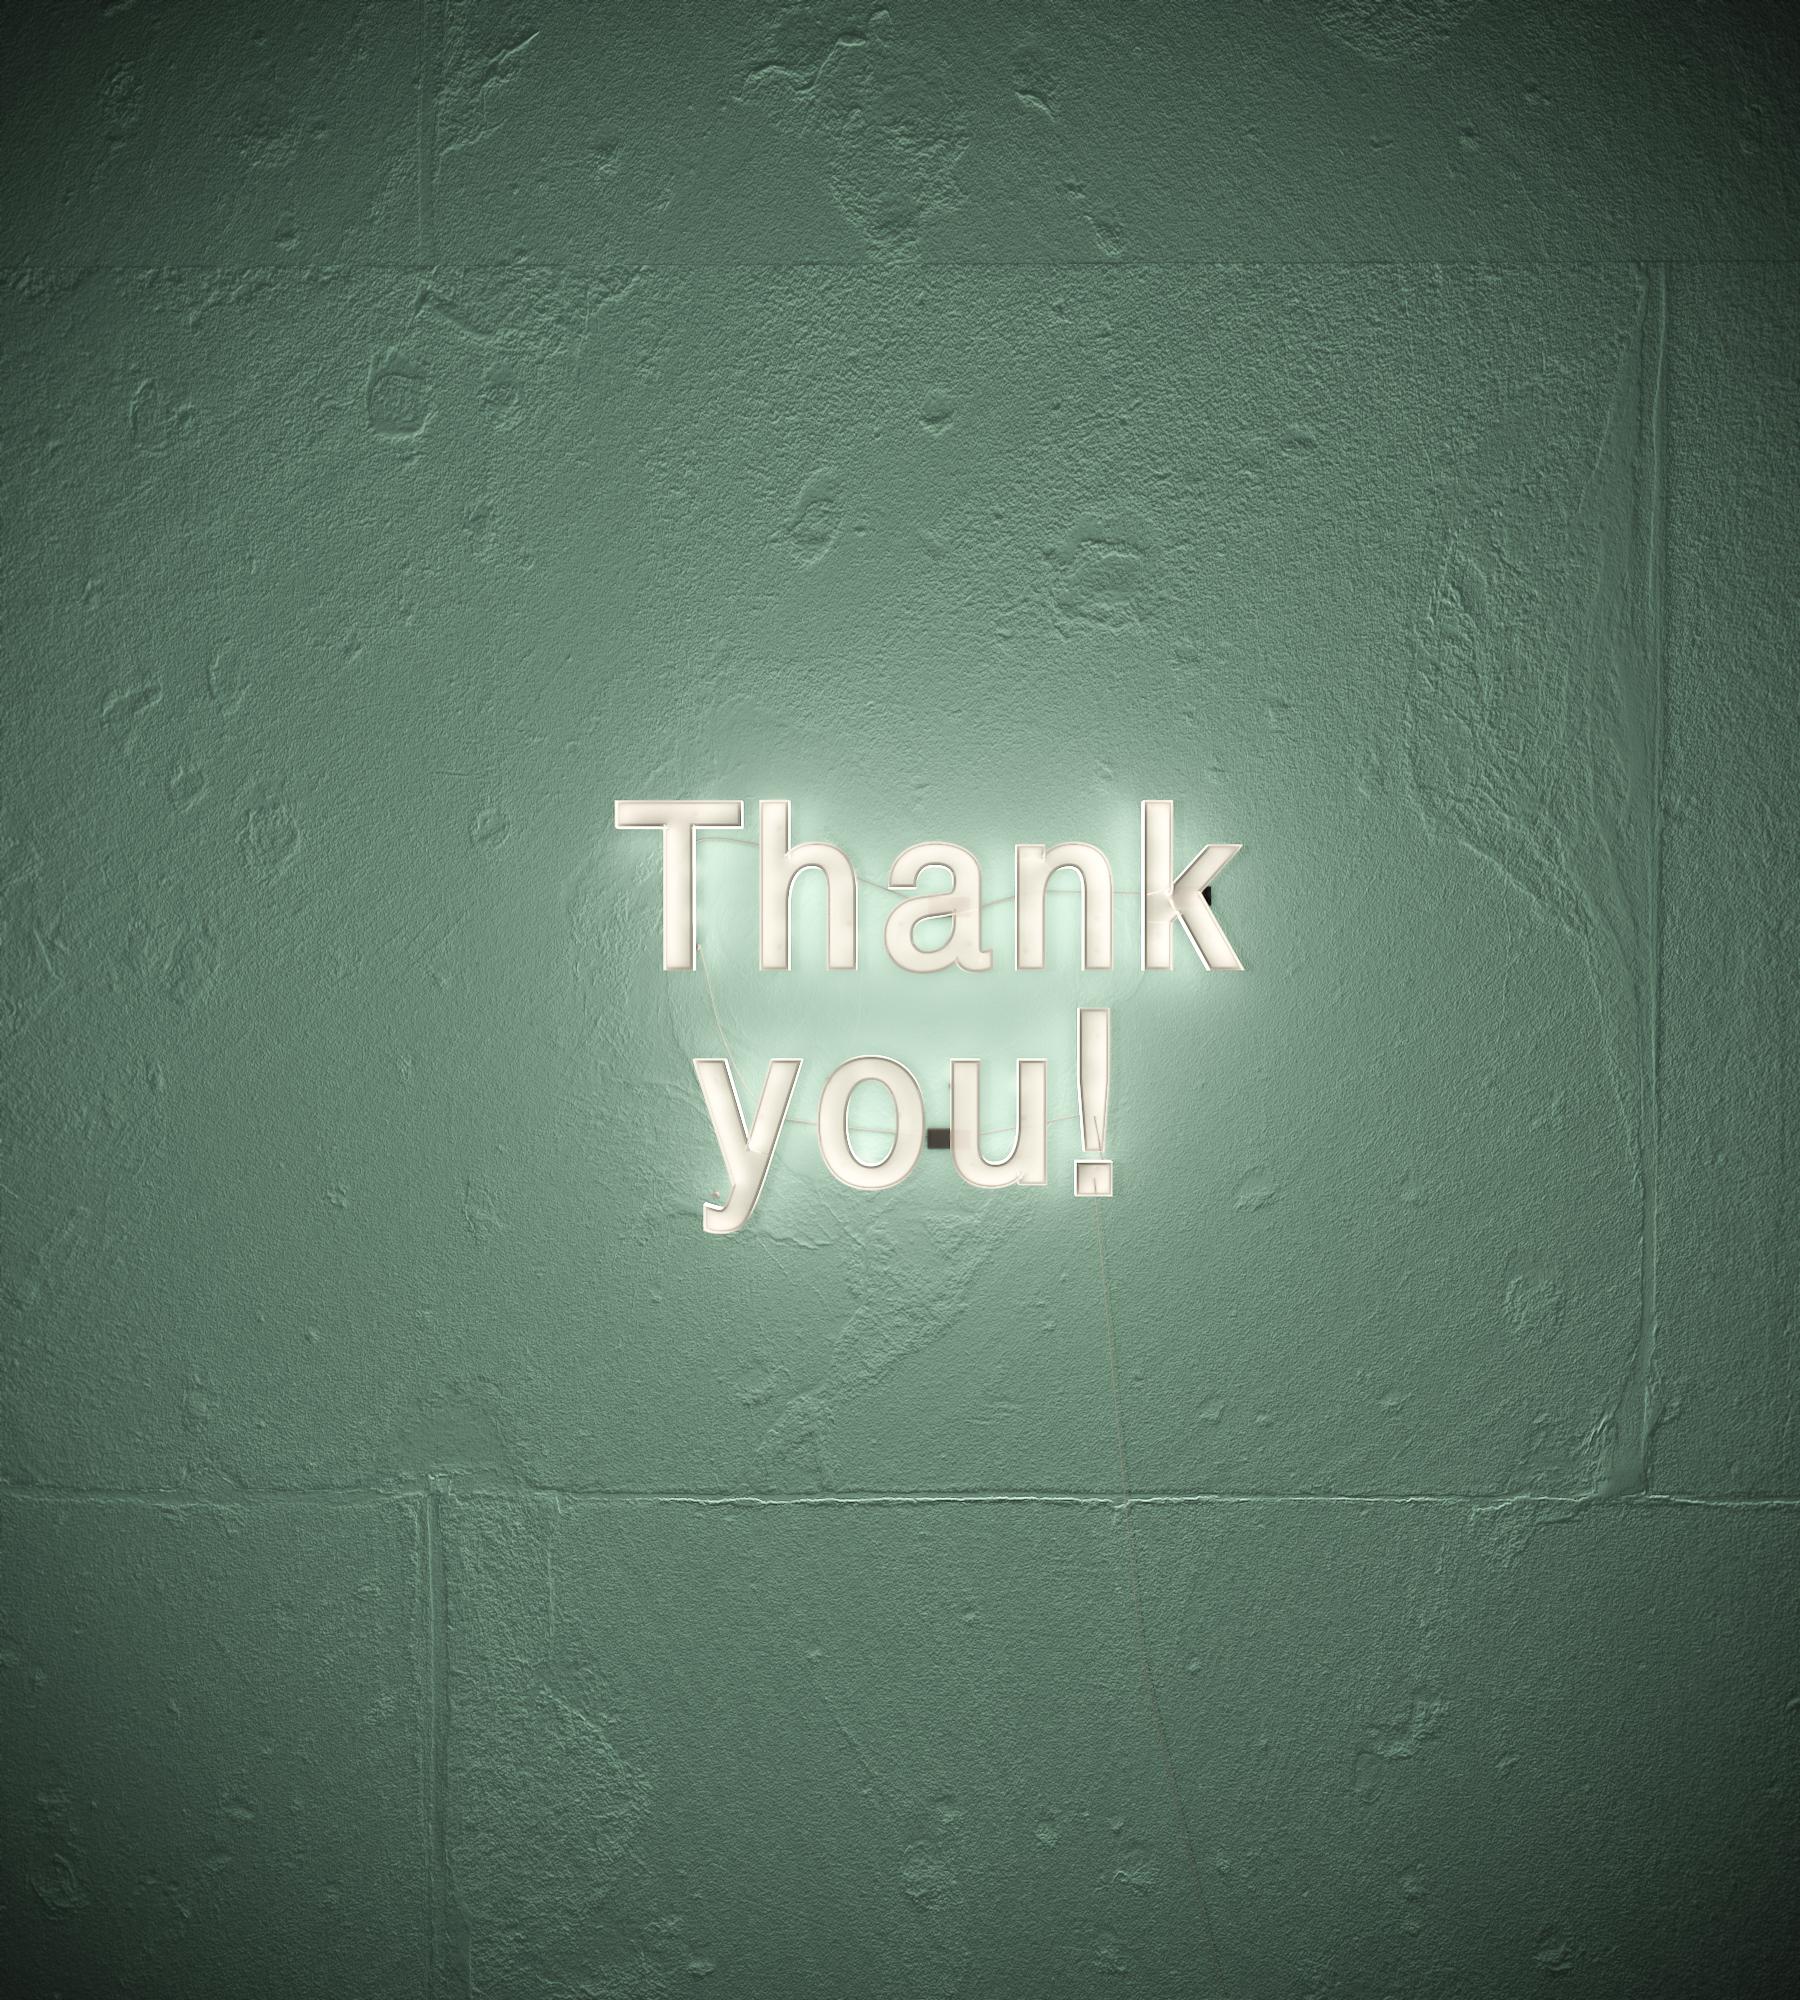 강사를 위해 소중한시간을 할애해 주셔서 매우 감사합니다! -